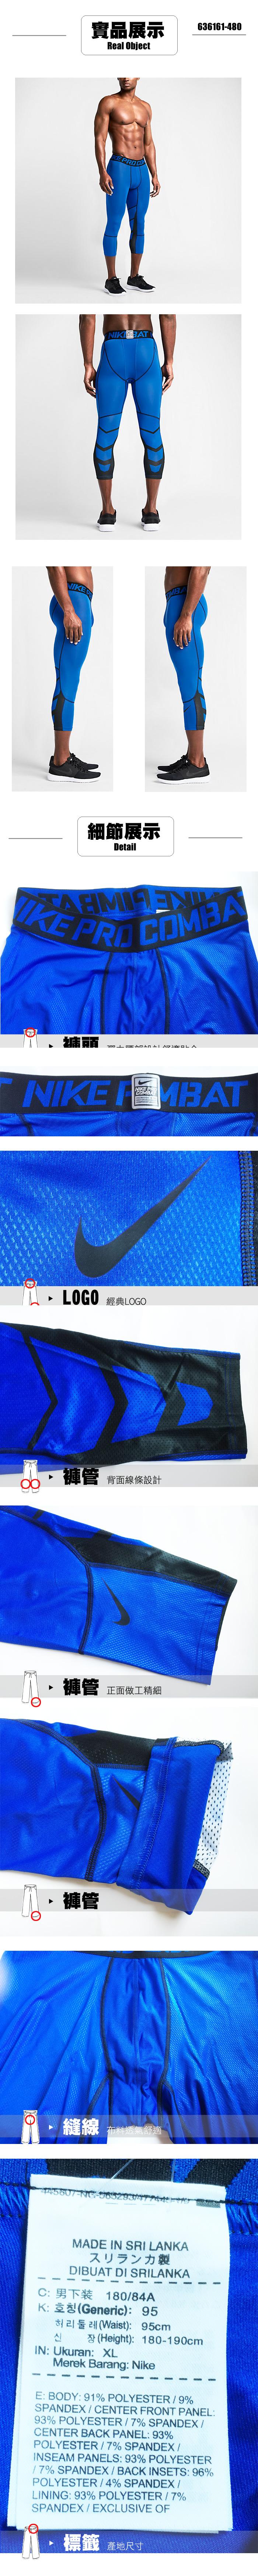 636161藍色